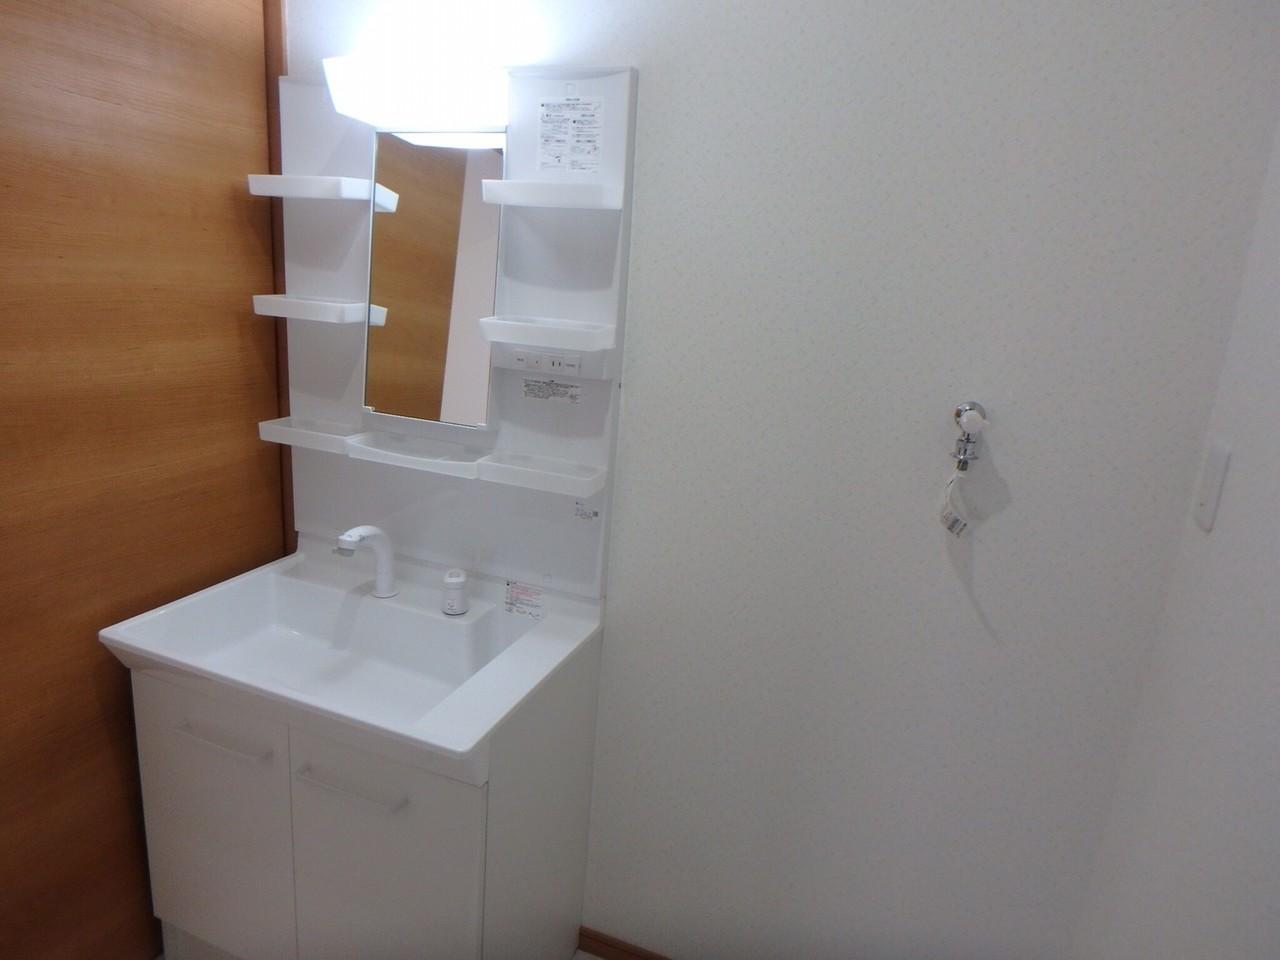 シンプルな洗面台は、家族の大切な場所。 毎日使う場所だからこそ、いつも清潔に保ちたいですね。